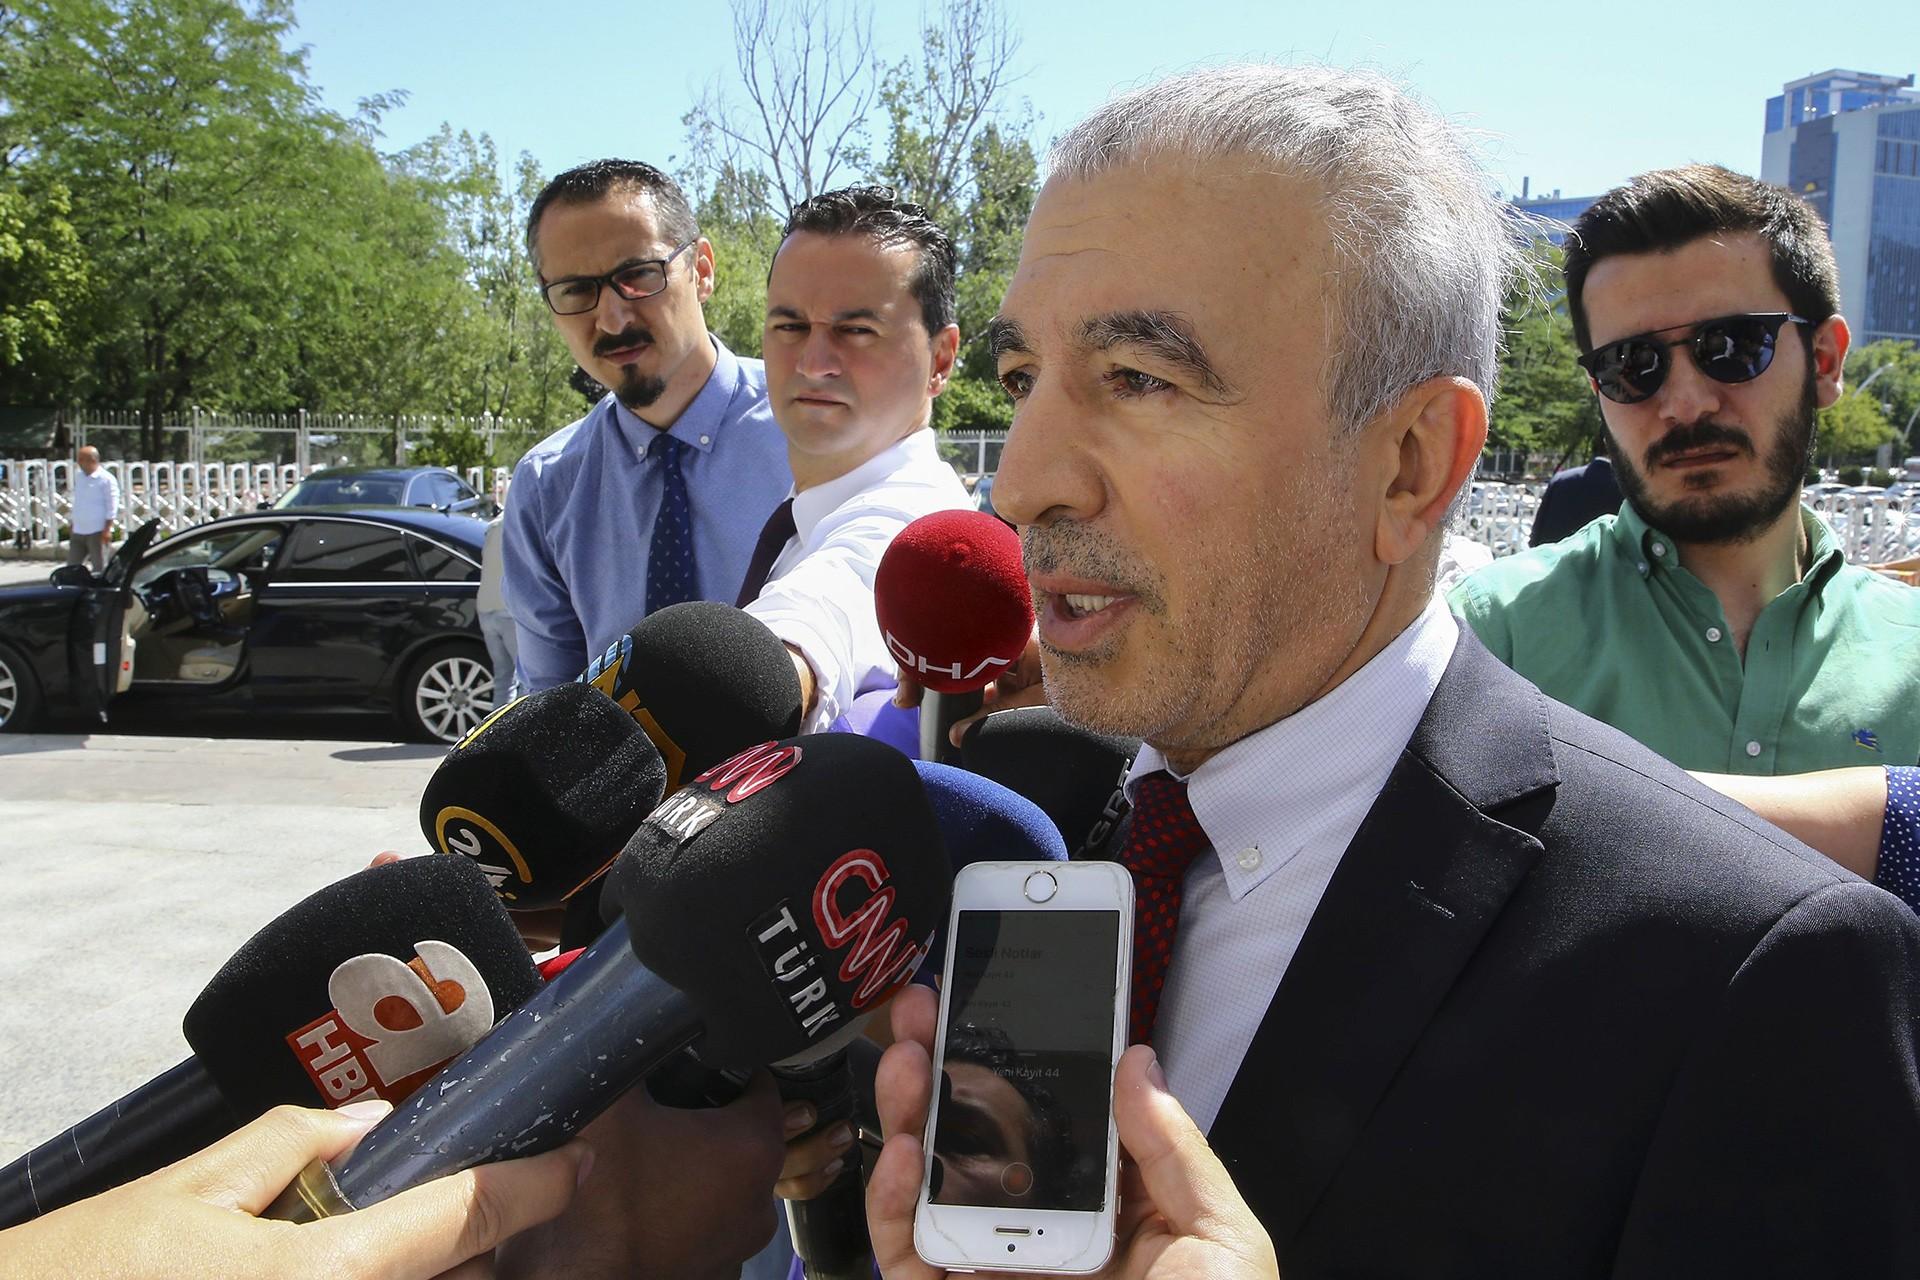 AKP'de revizyon tartışmasında endişe: Önce 'rehabilite' dedi, şimdi 'abartmayın'